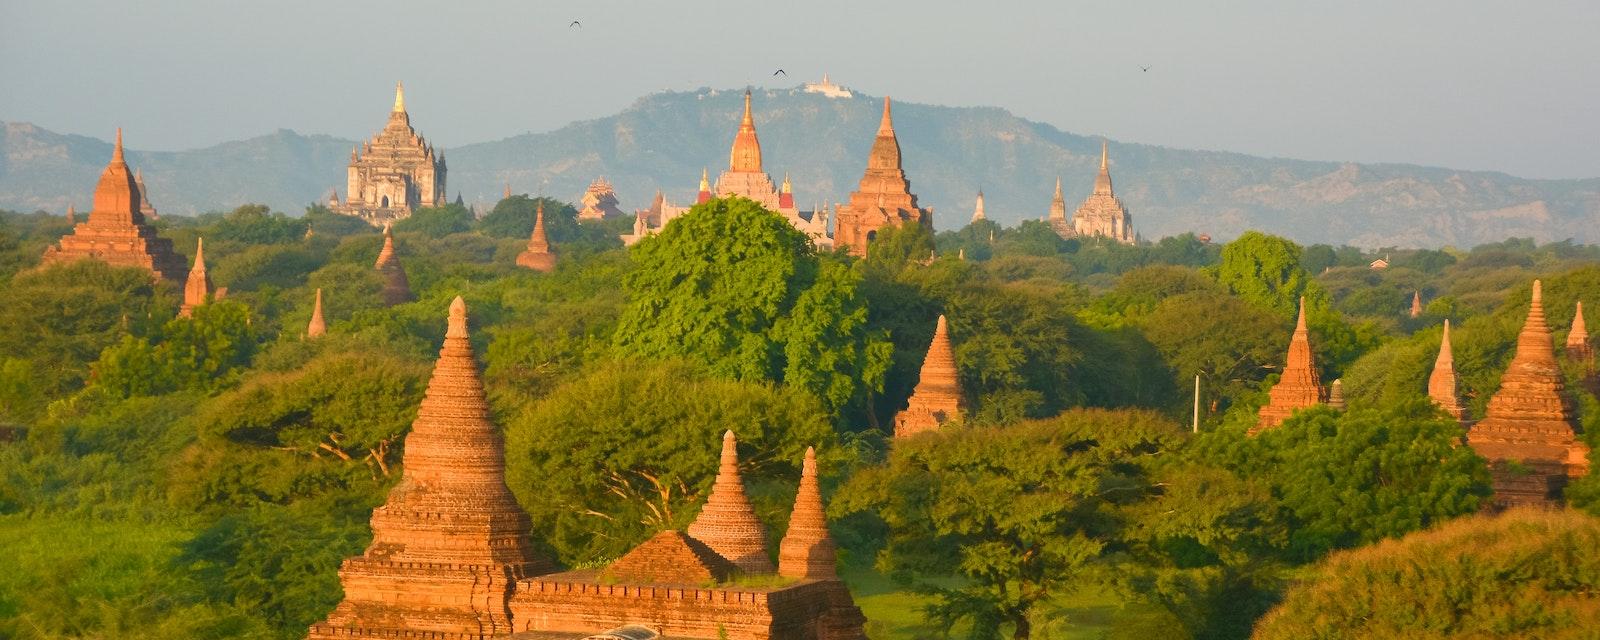 The,Temples,Of,Bagan,,Mandalay,,Myanmar.